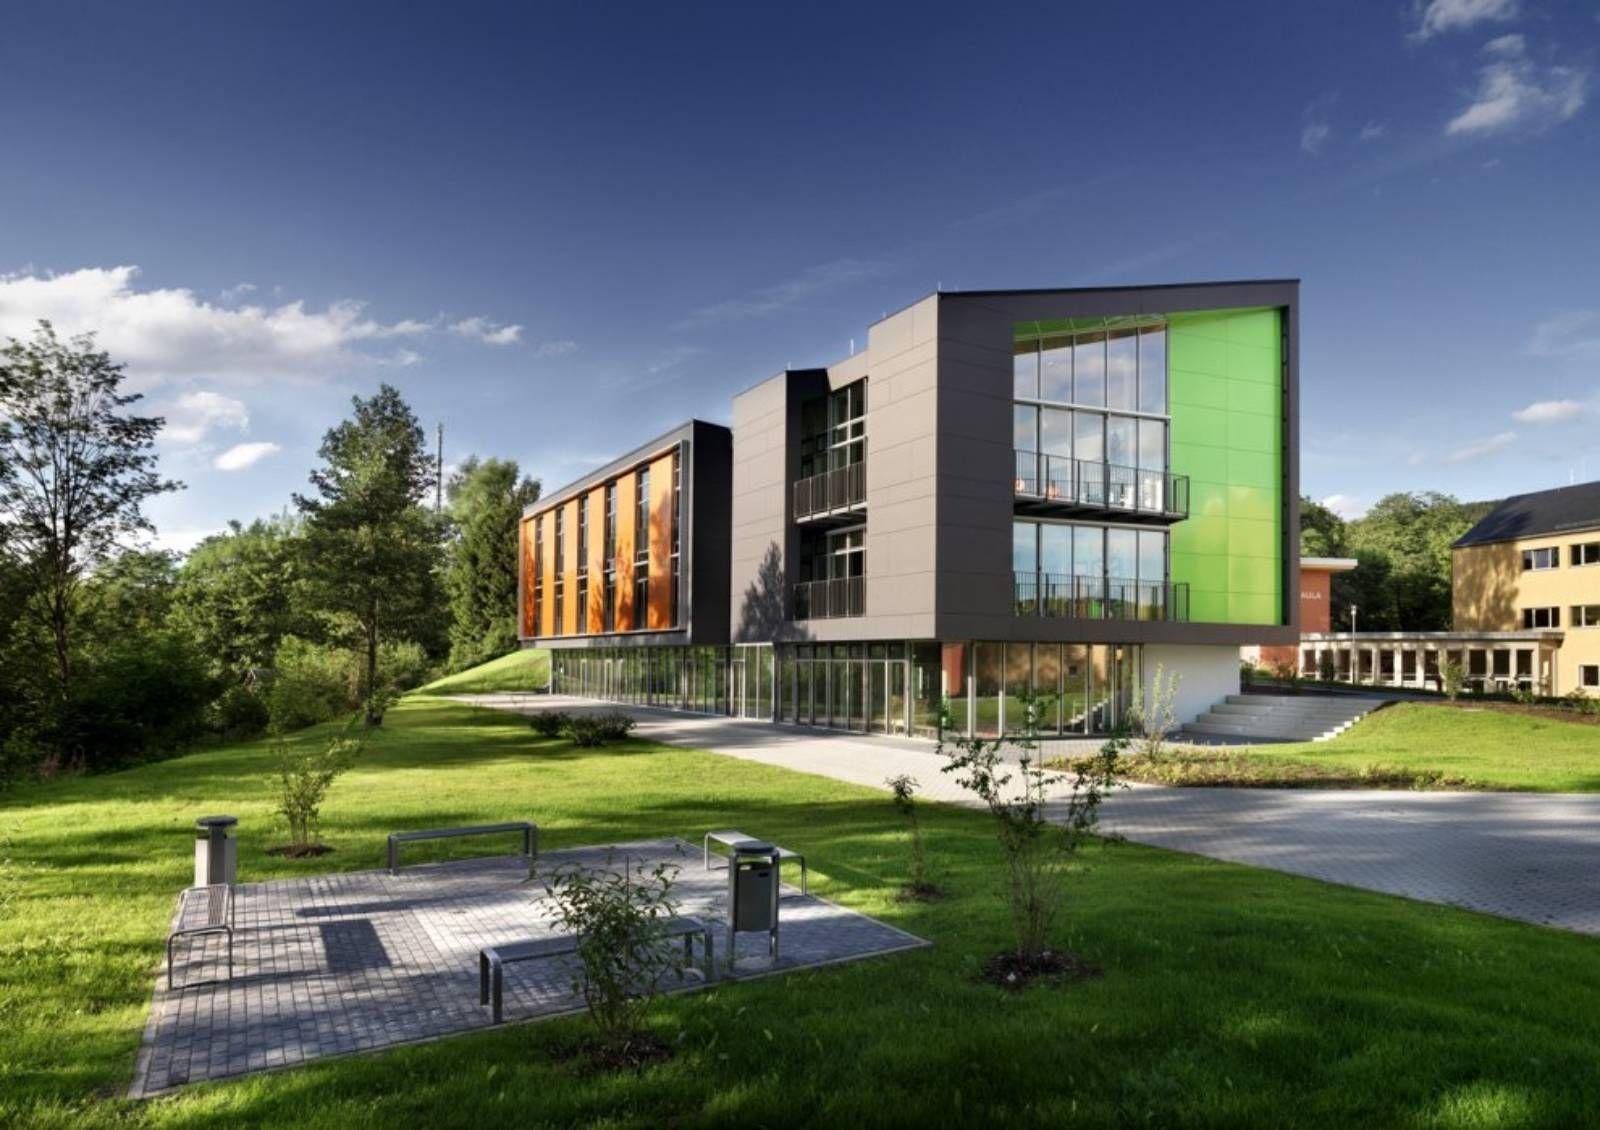 Modern school design architecture google search for New architecture design